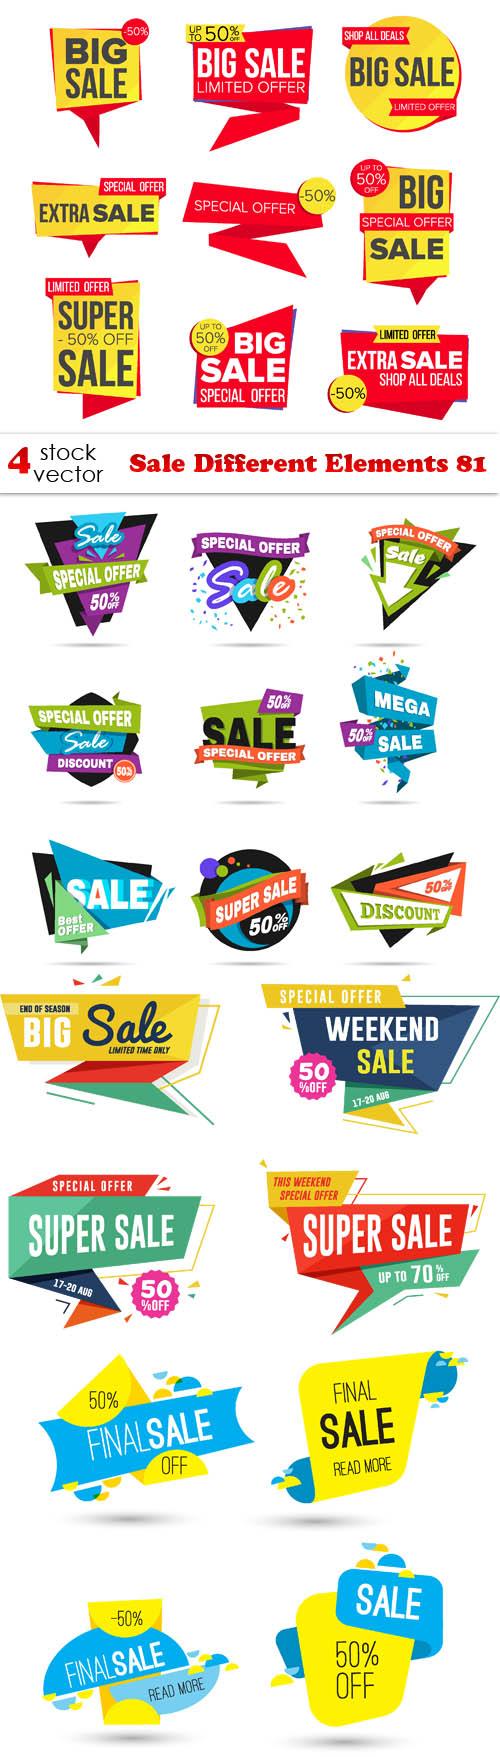 Vectors - Sale Different Elements 81